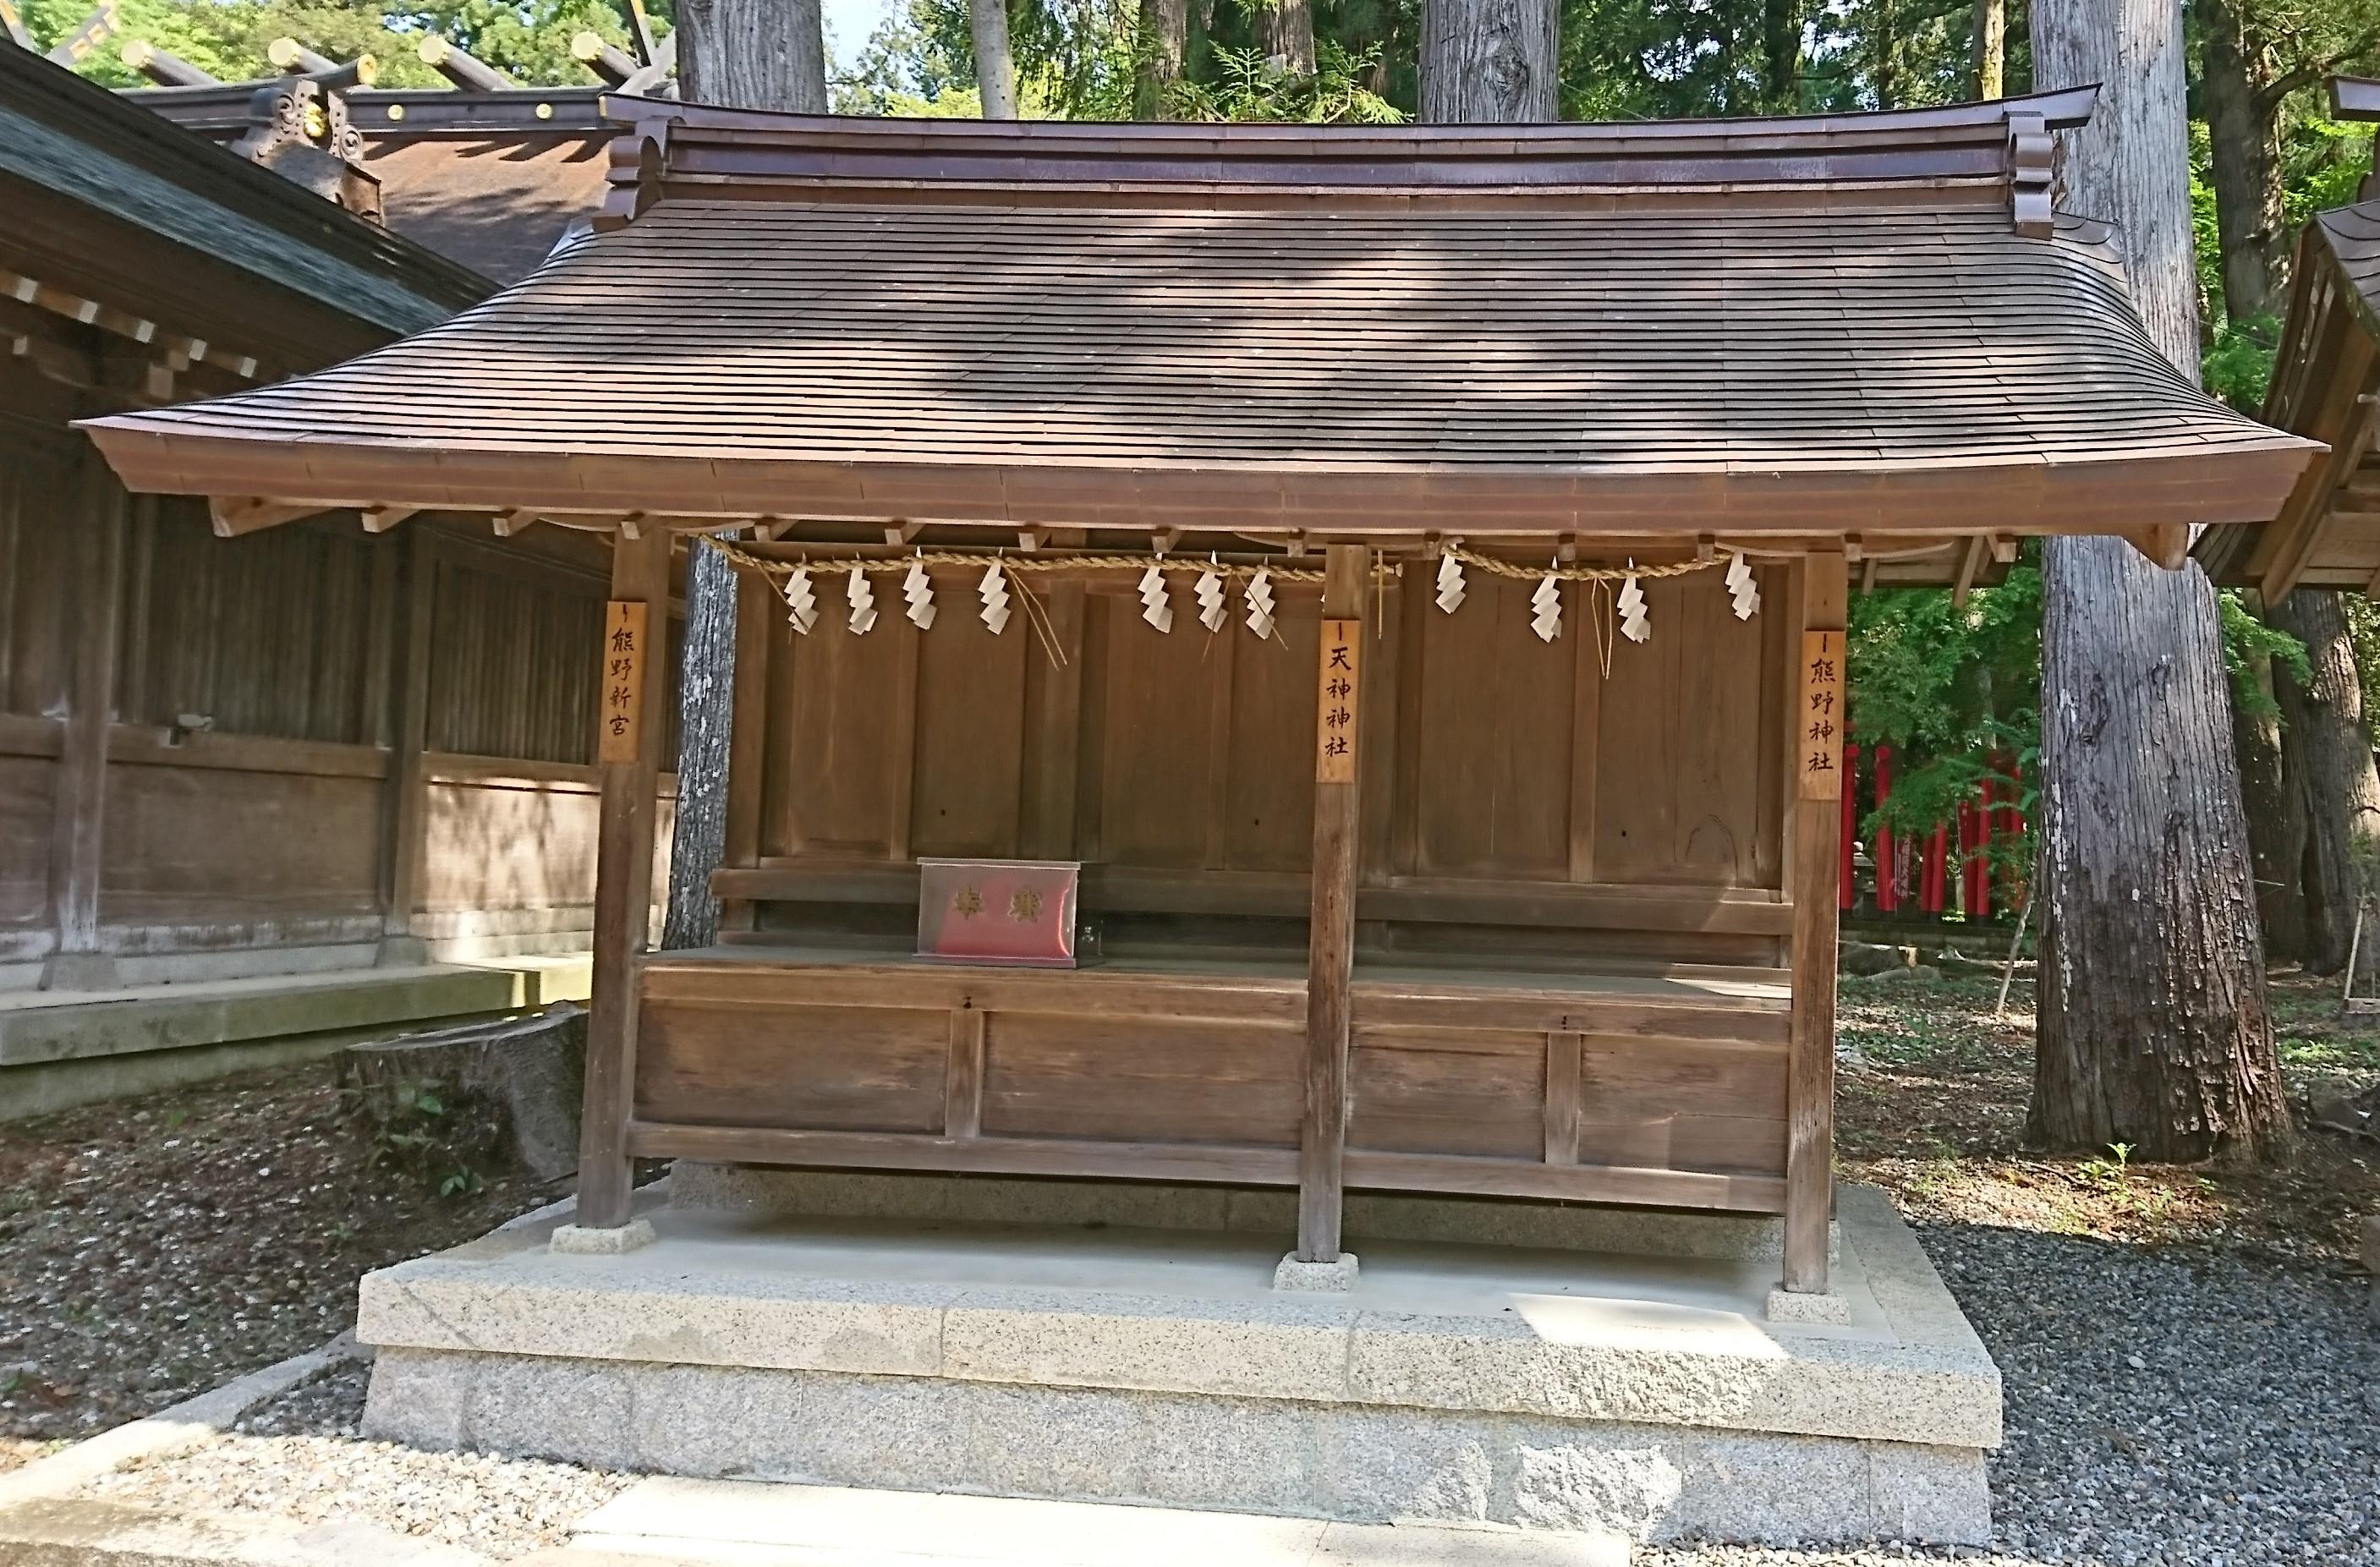 多賀大社の境内にある熊野神社・熊野新宮・天神神社